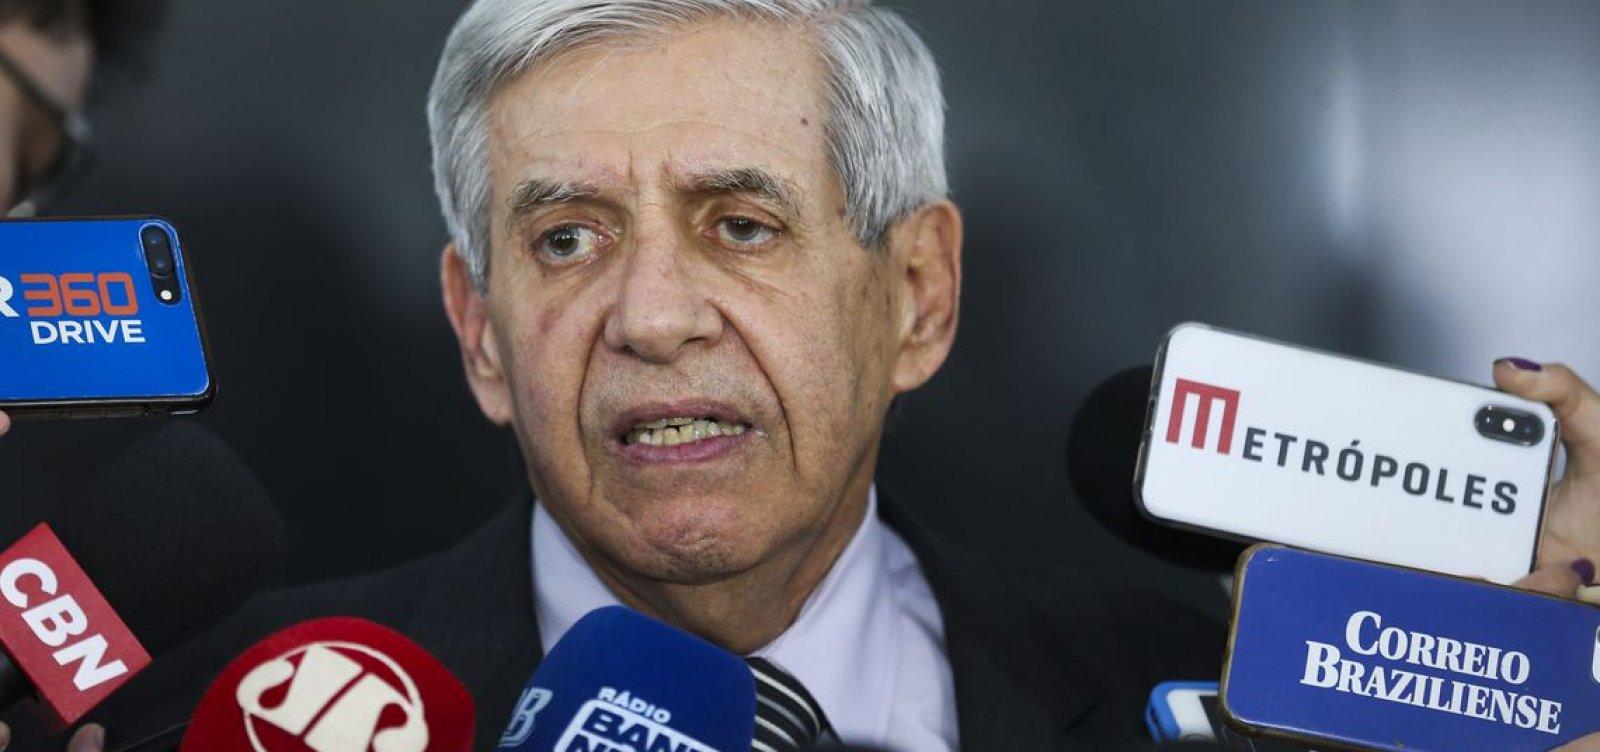 [Crise na Venezuela está longe da solução, afirma ministro do GSI]